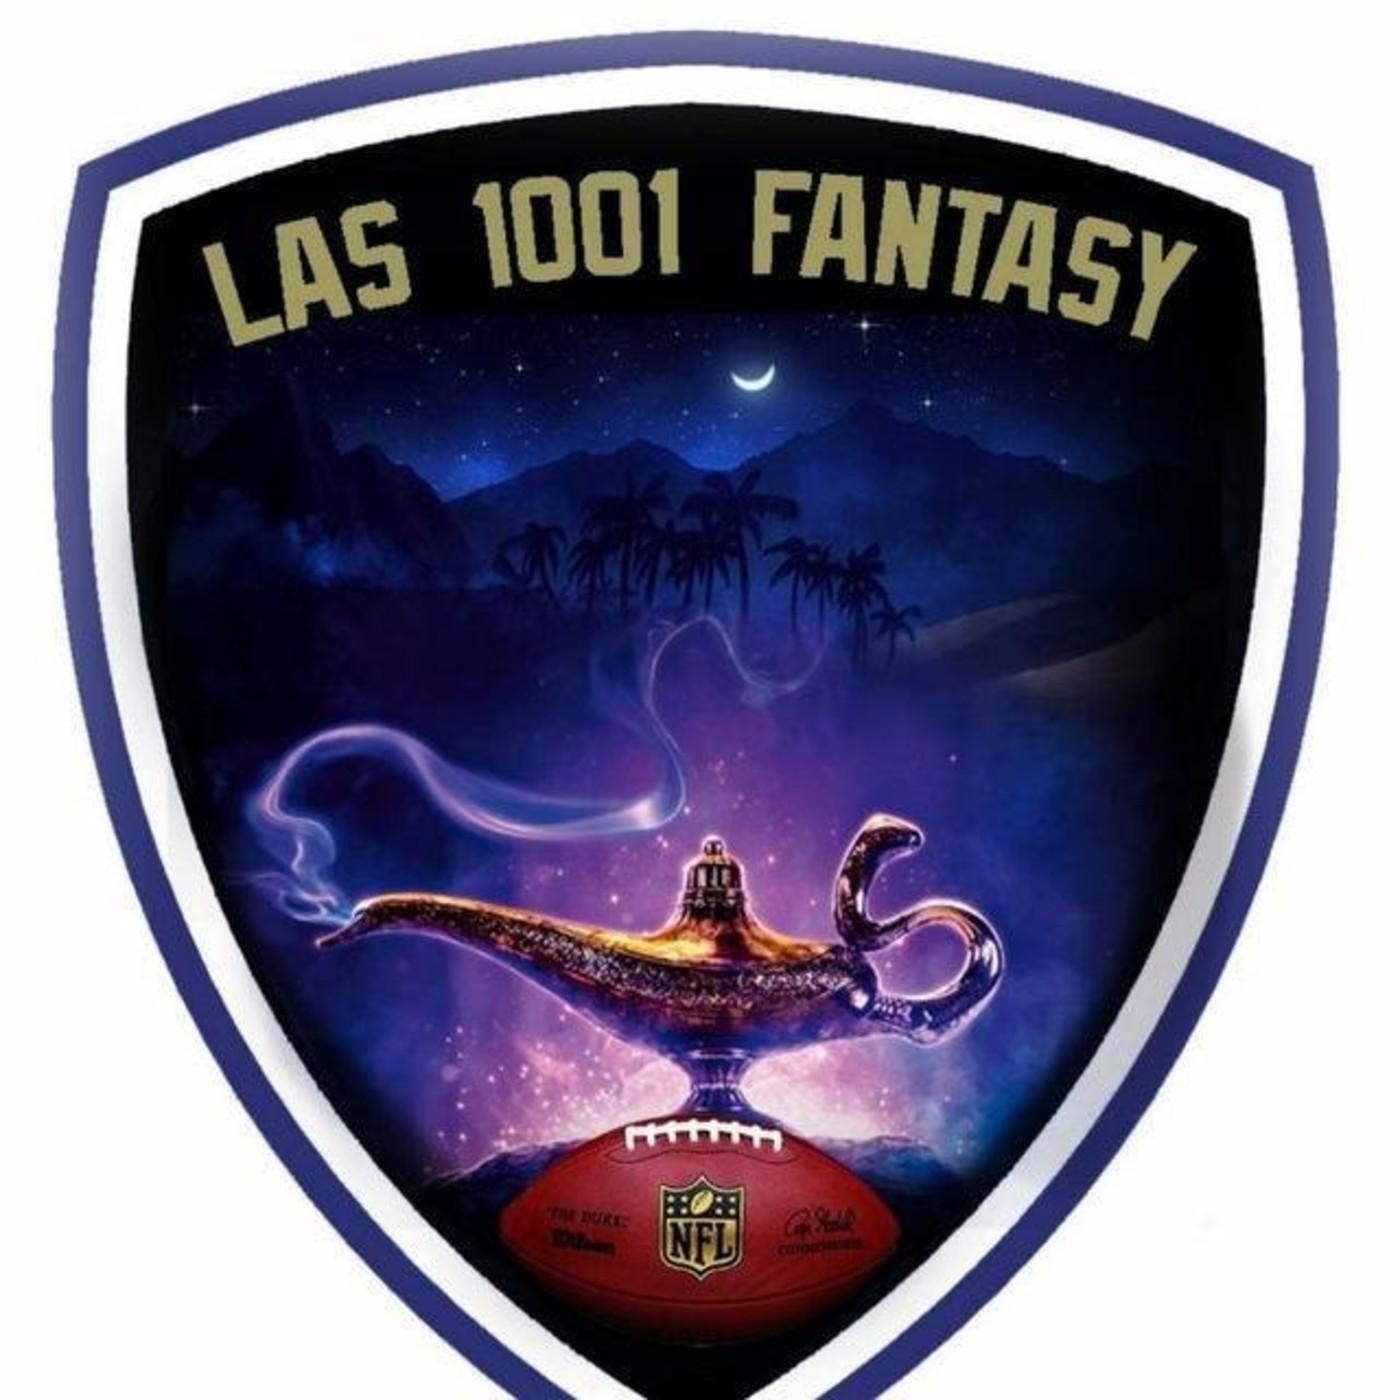 Las 1001 Fantasy - Fantasy 0026 - Previa de la jornada 2